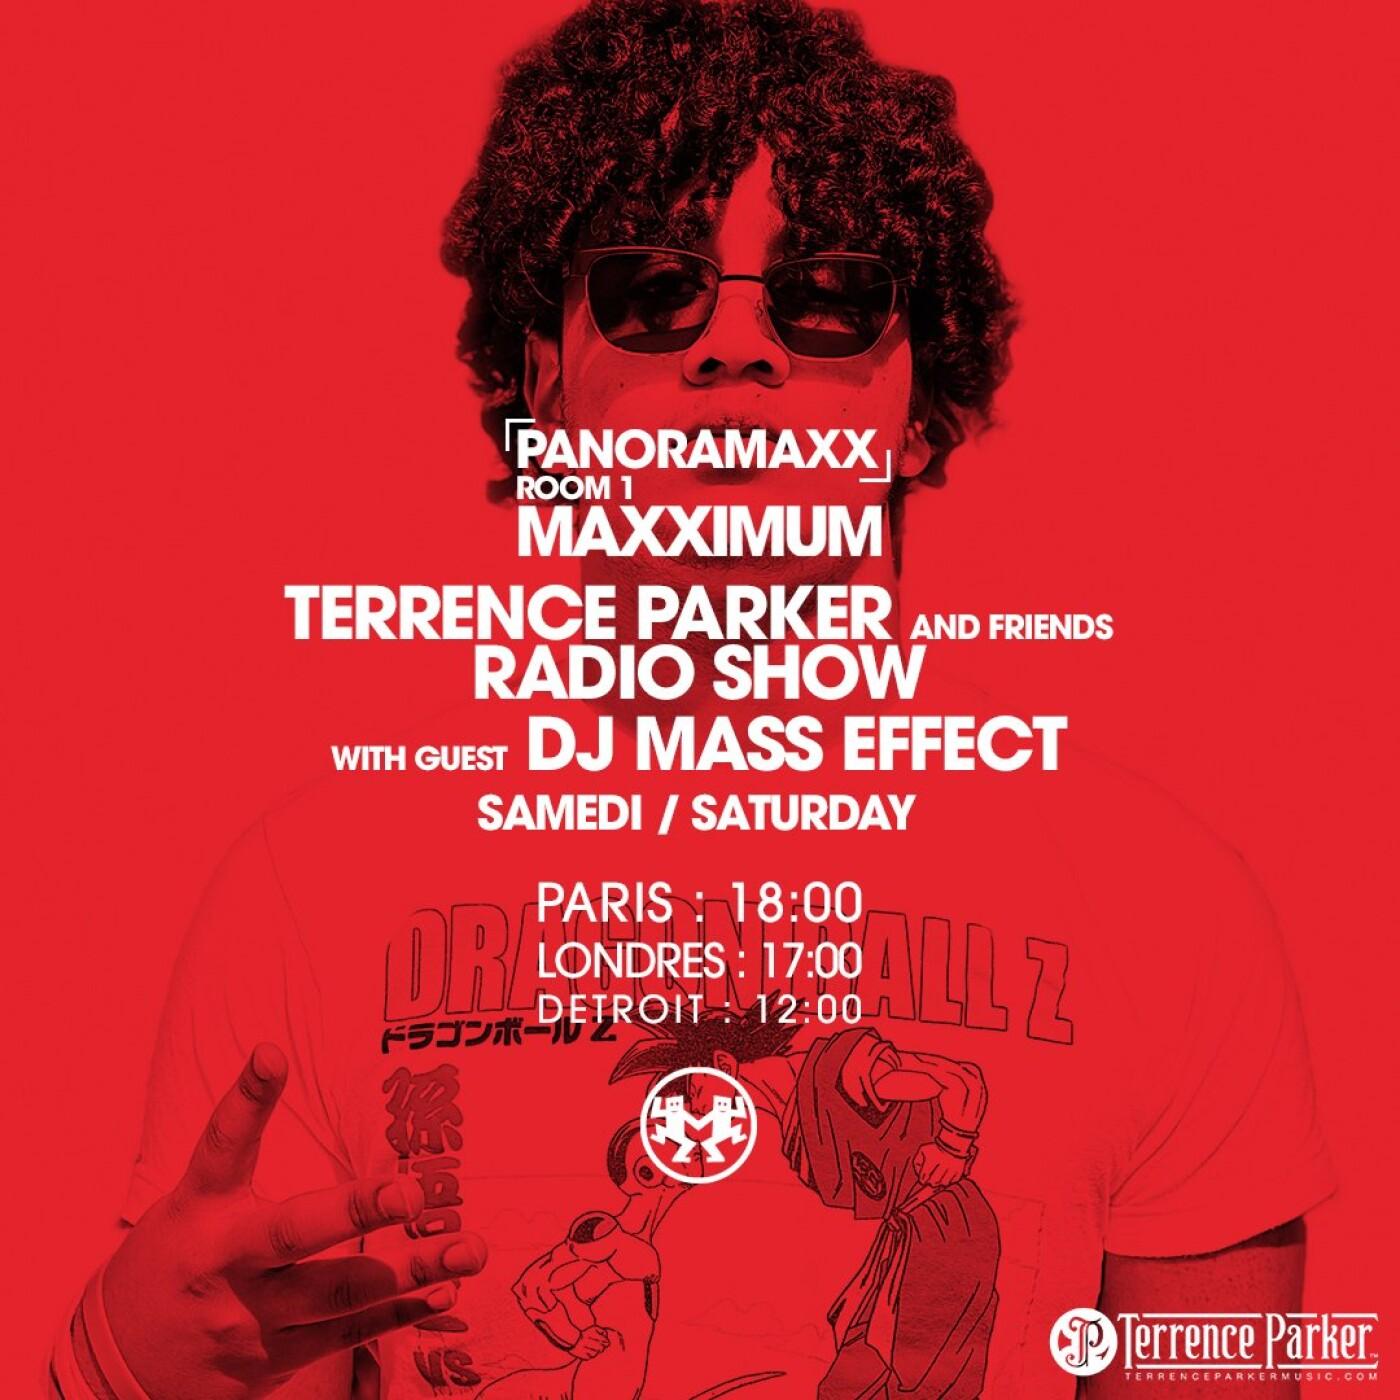 PANORAMAXX : DJ MASS EFFECT